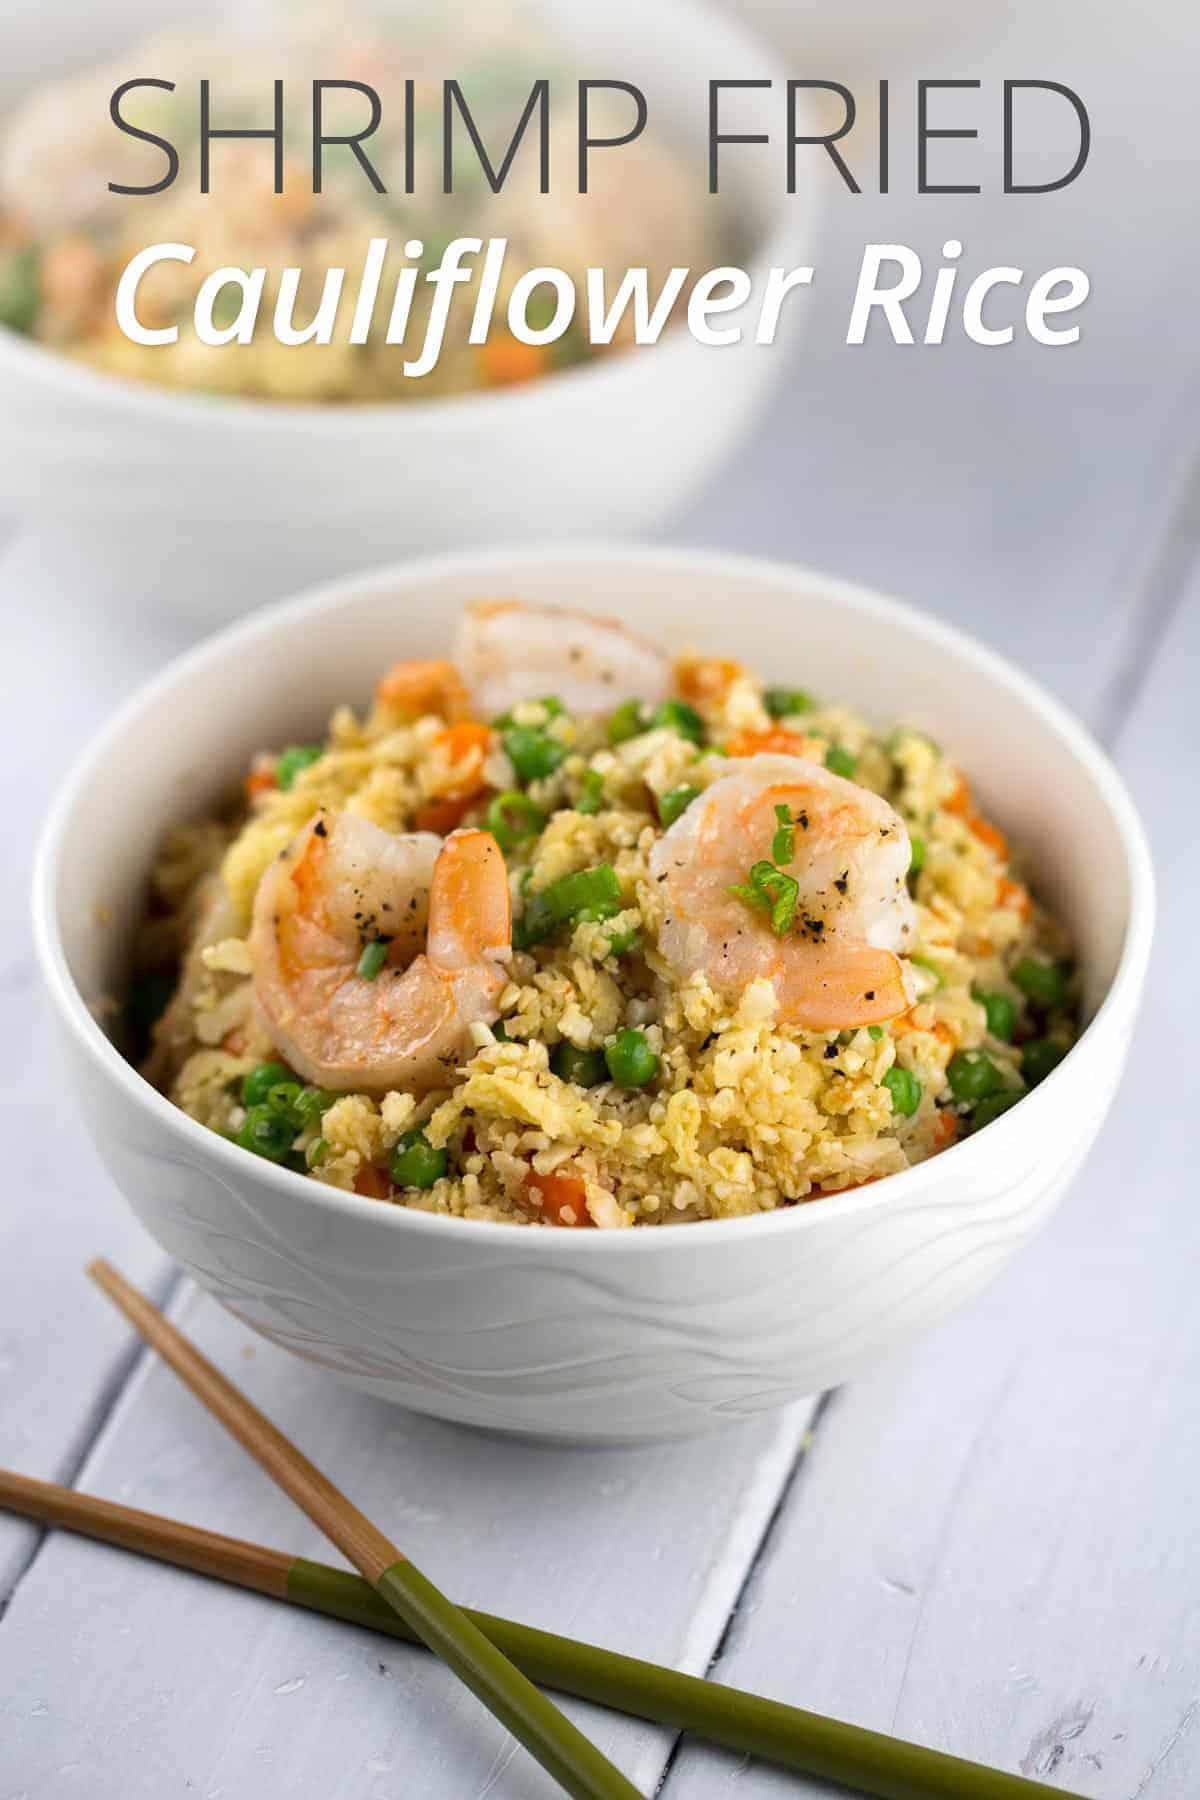 Shrimp Fried Cauliflower Rice Bowl